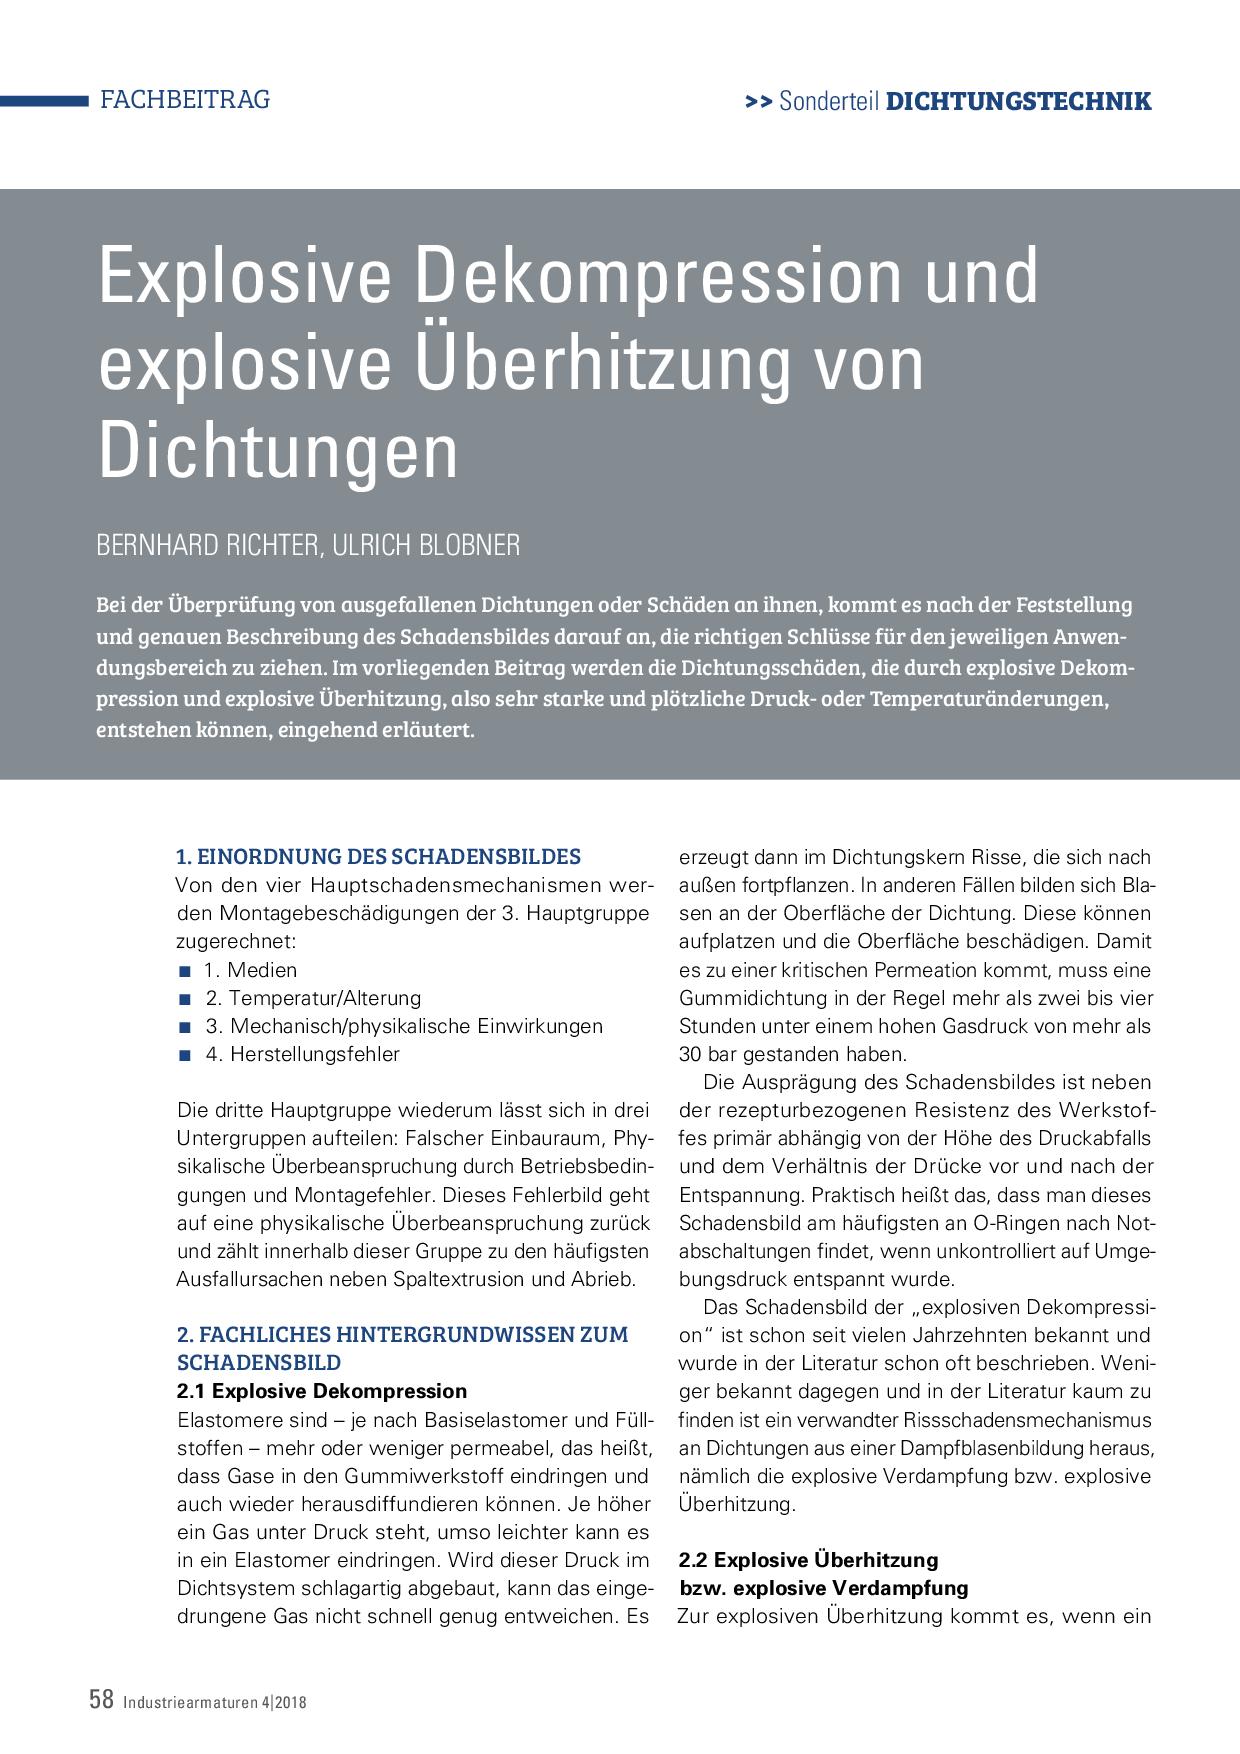 Explosive Dekompression und explosive Überhitzung von Dichtungen